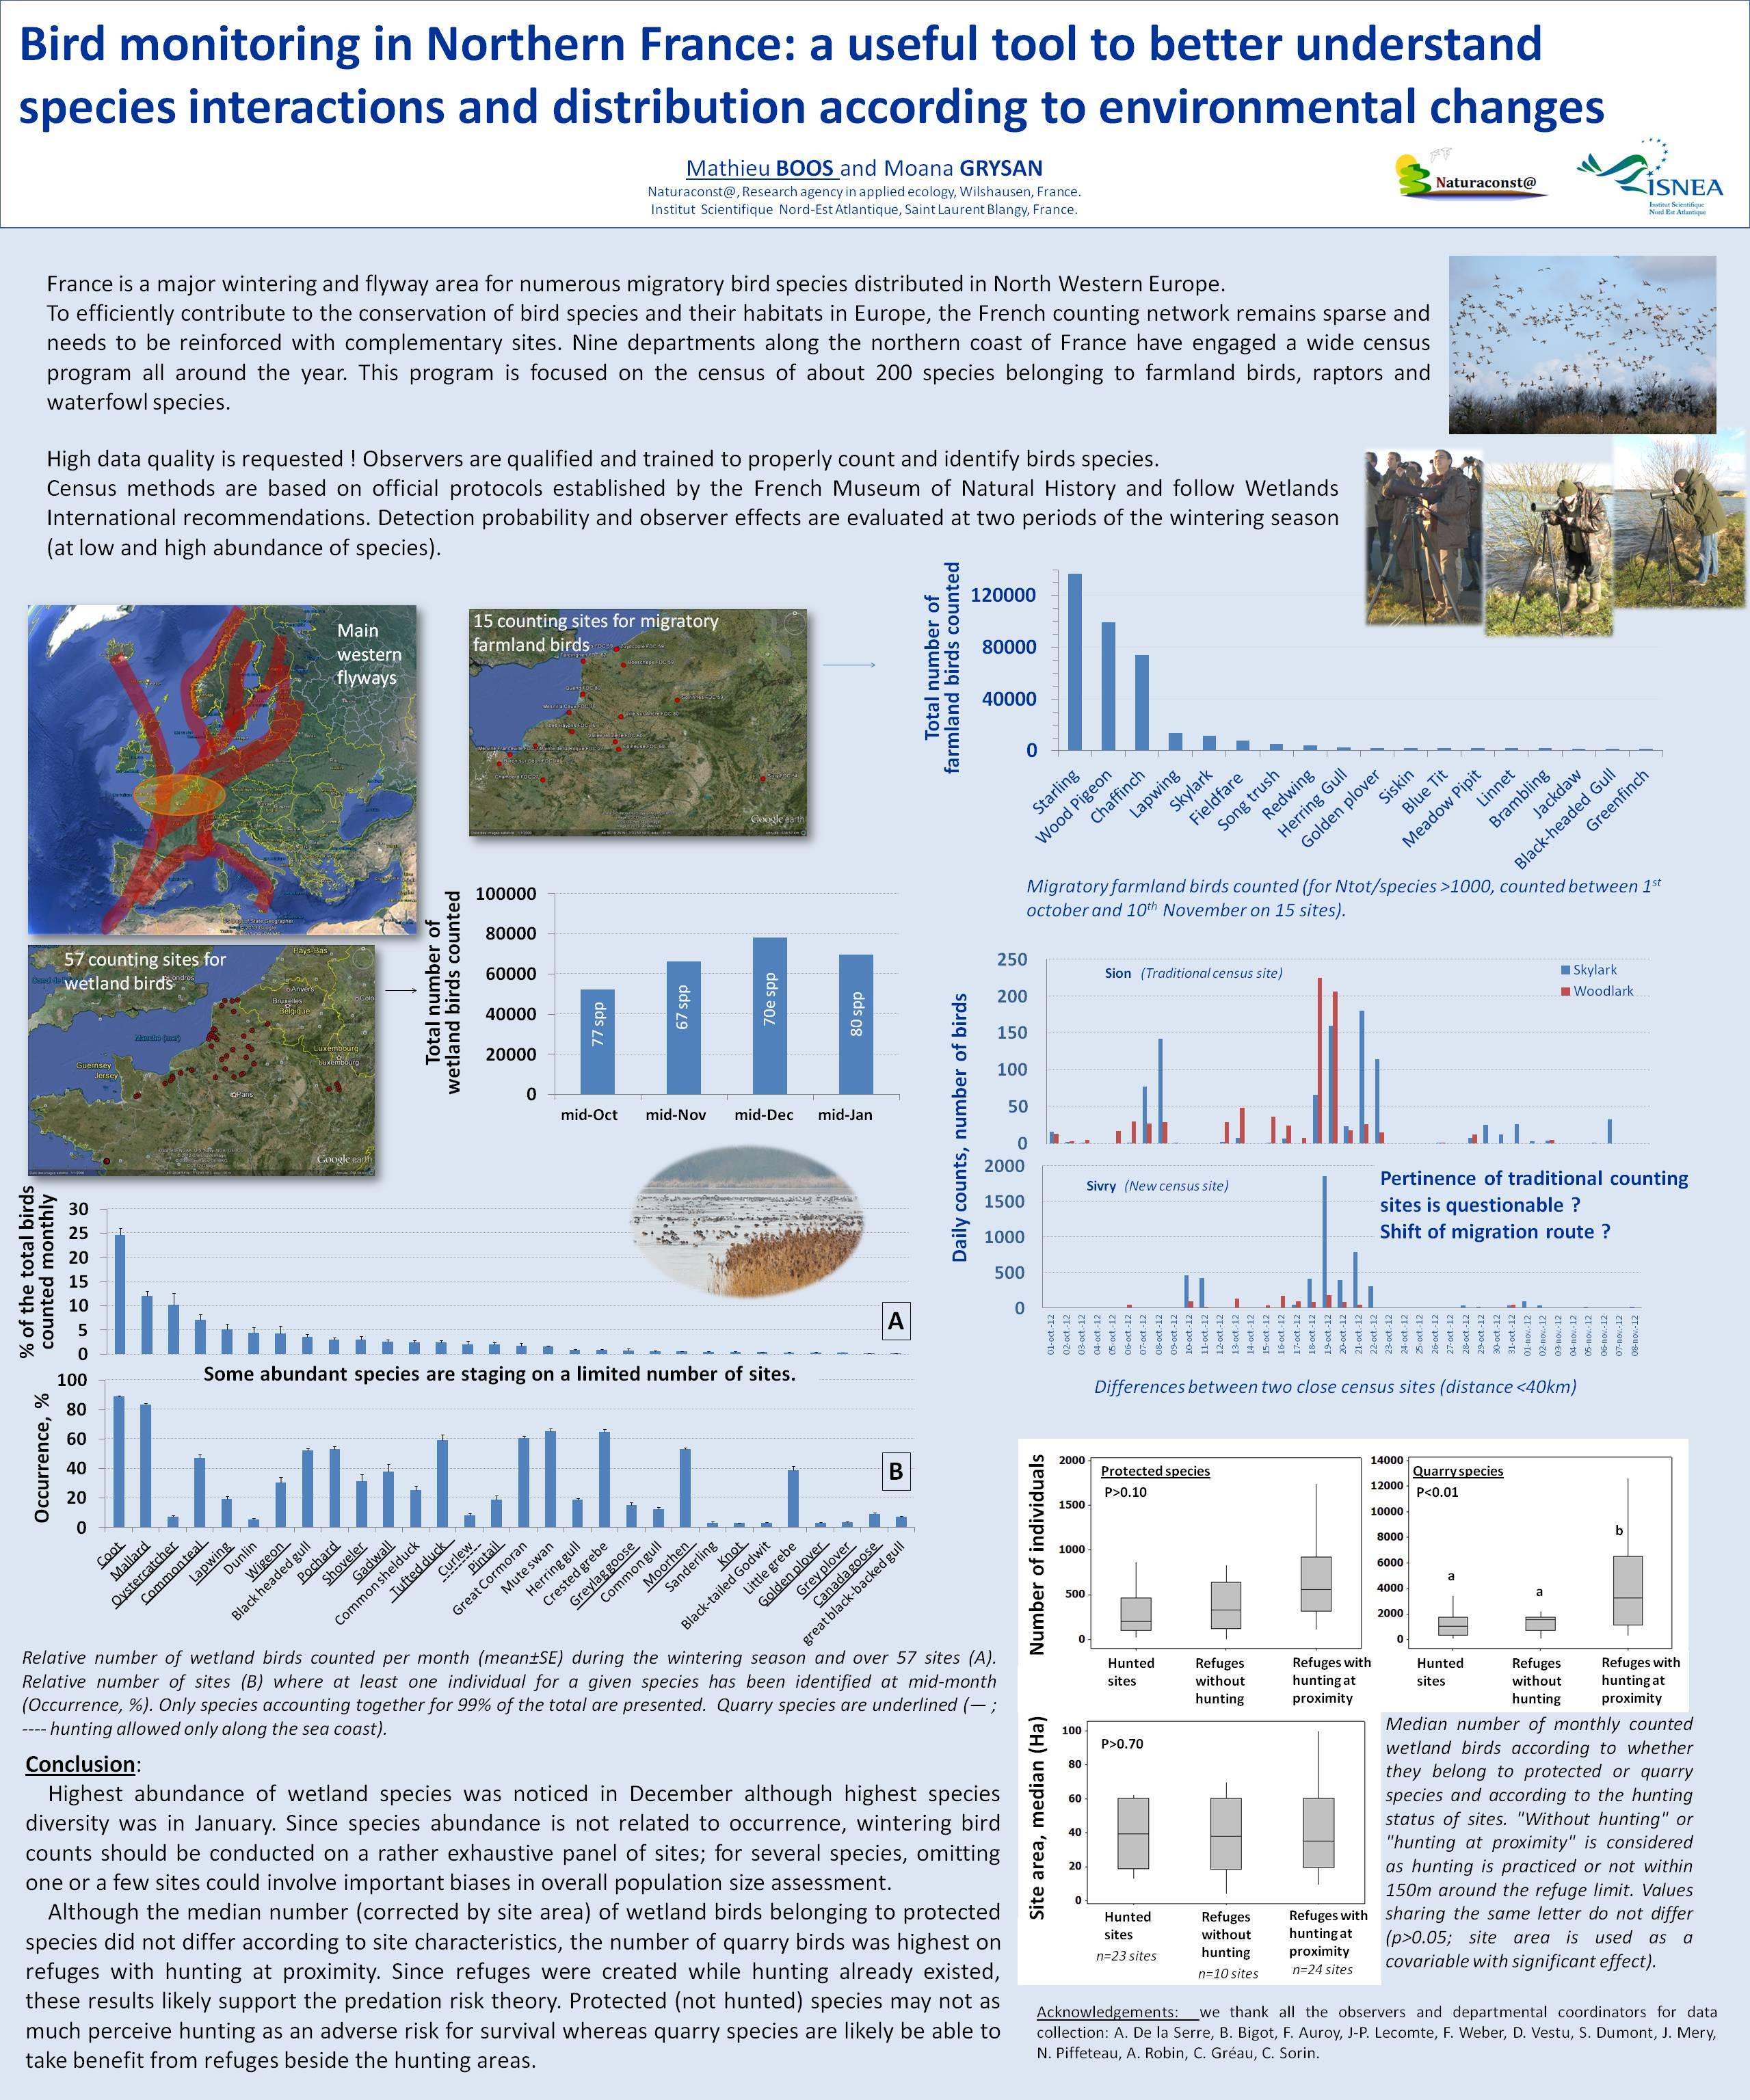 Le suivi des oiseaux dans le Nord de la France : un outil utile pour mieux comprendre les interactions entre les espèces et leur distribution en fonction des changements environnementaux.